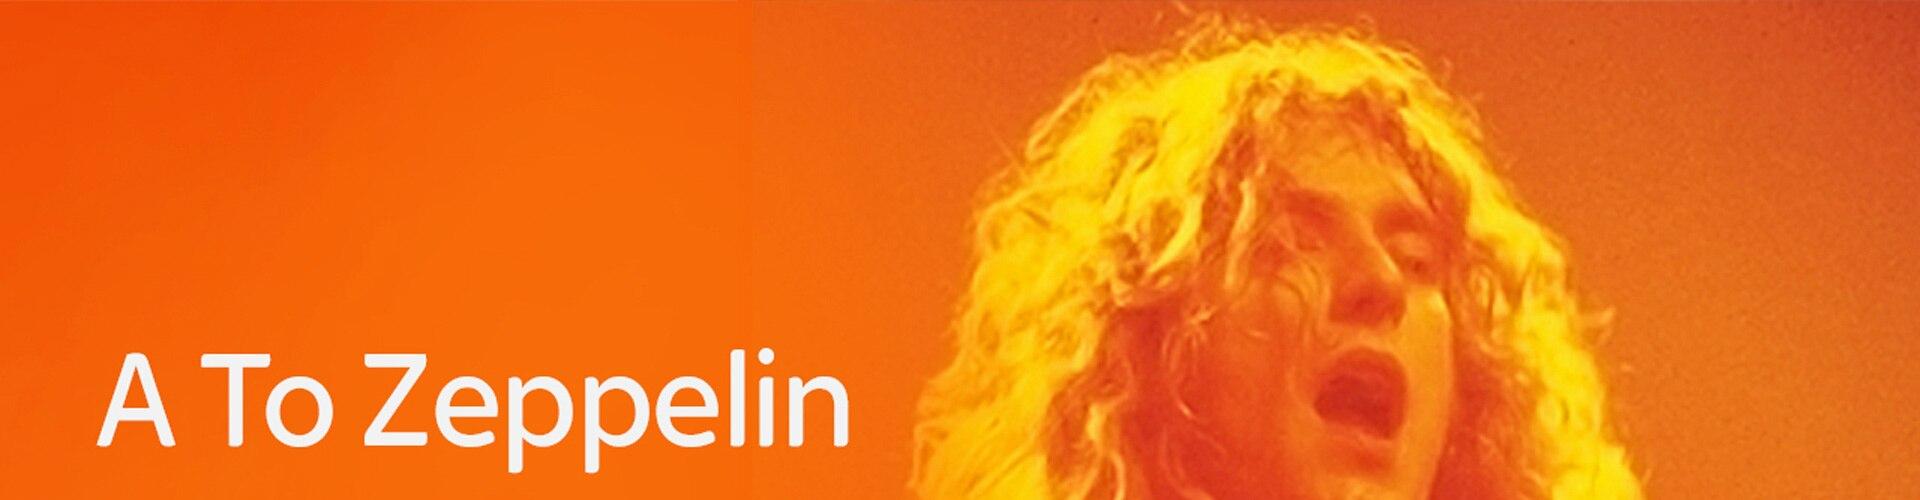 Watch A To Zeppelin Online